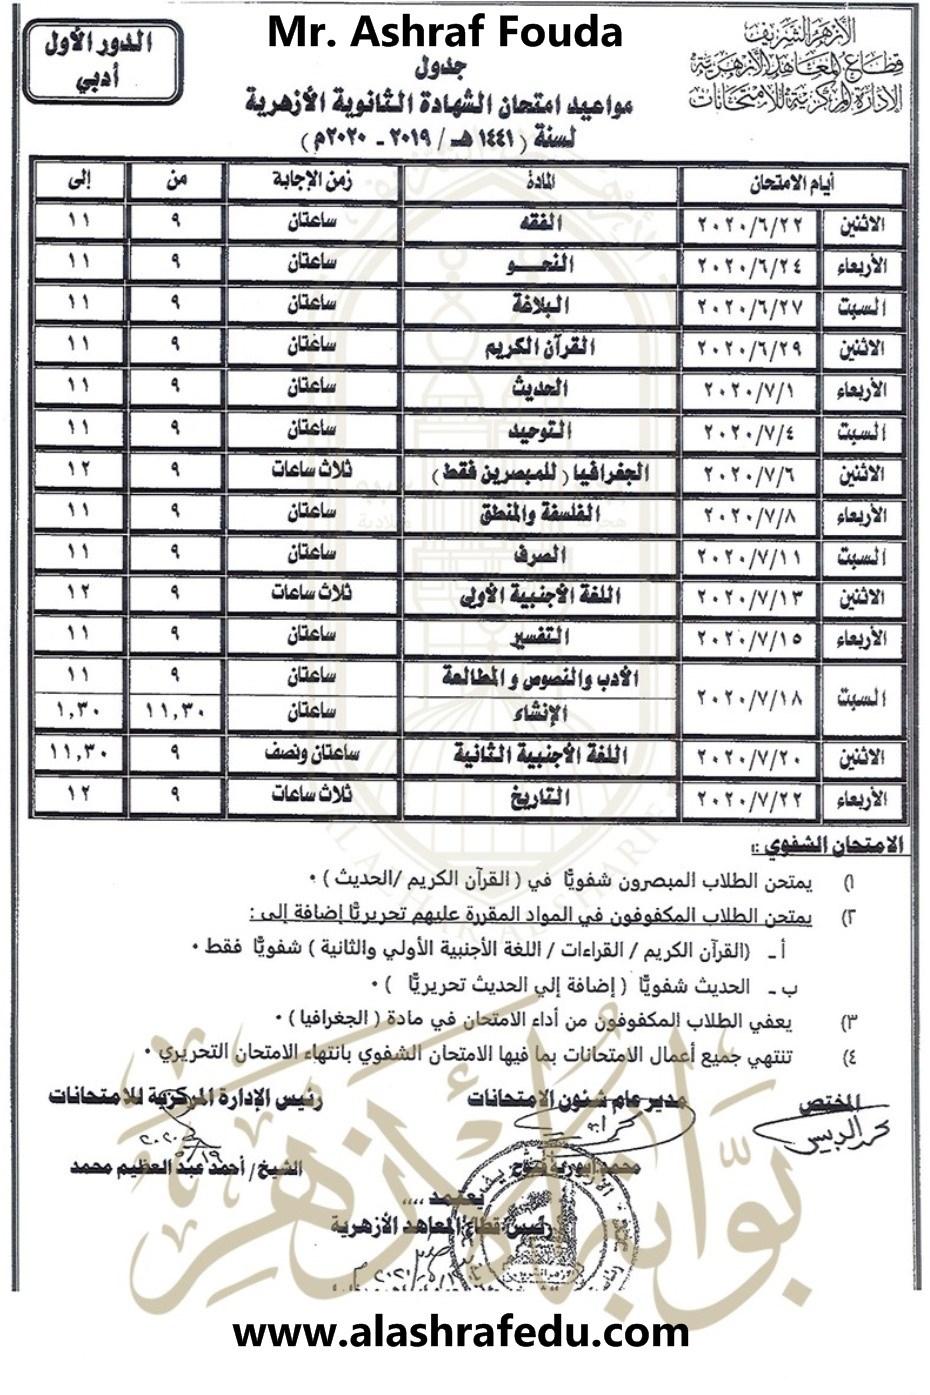 التعديل جدول إمتحانات الشهاده الثانويه الأزهريه القسم الأدبى الدور الأول www.alashrafedu.com1